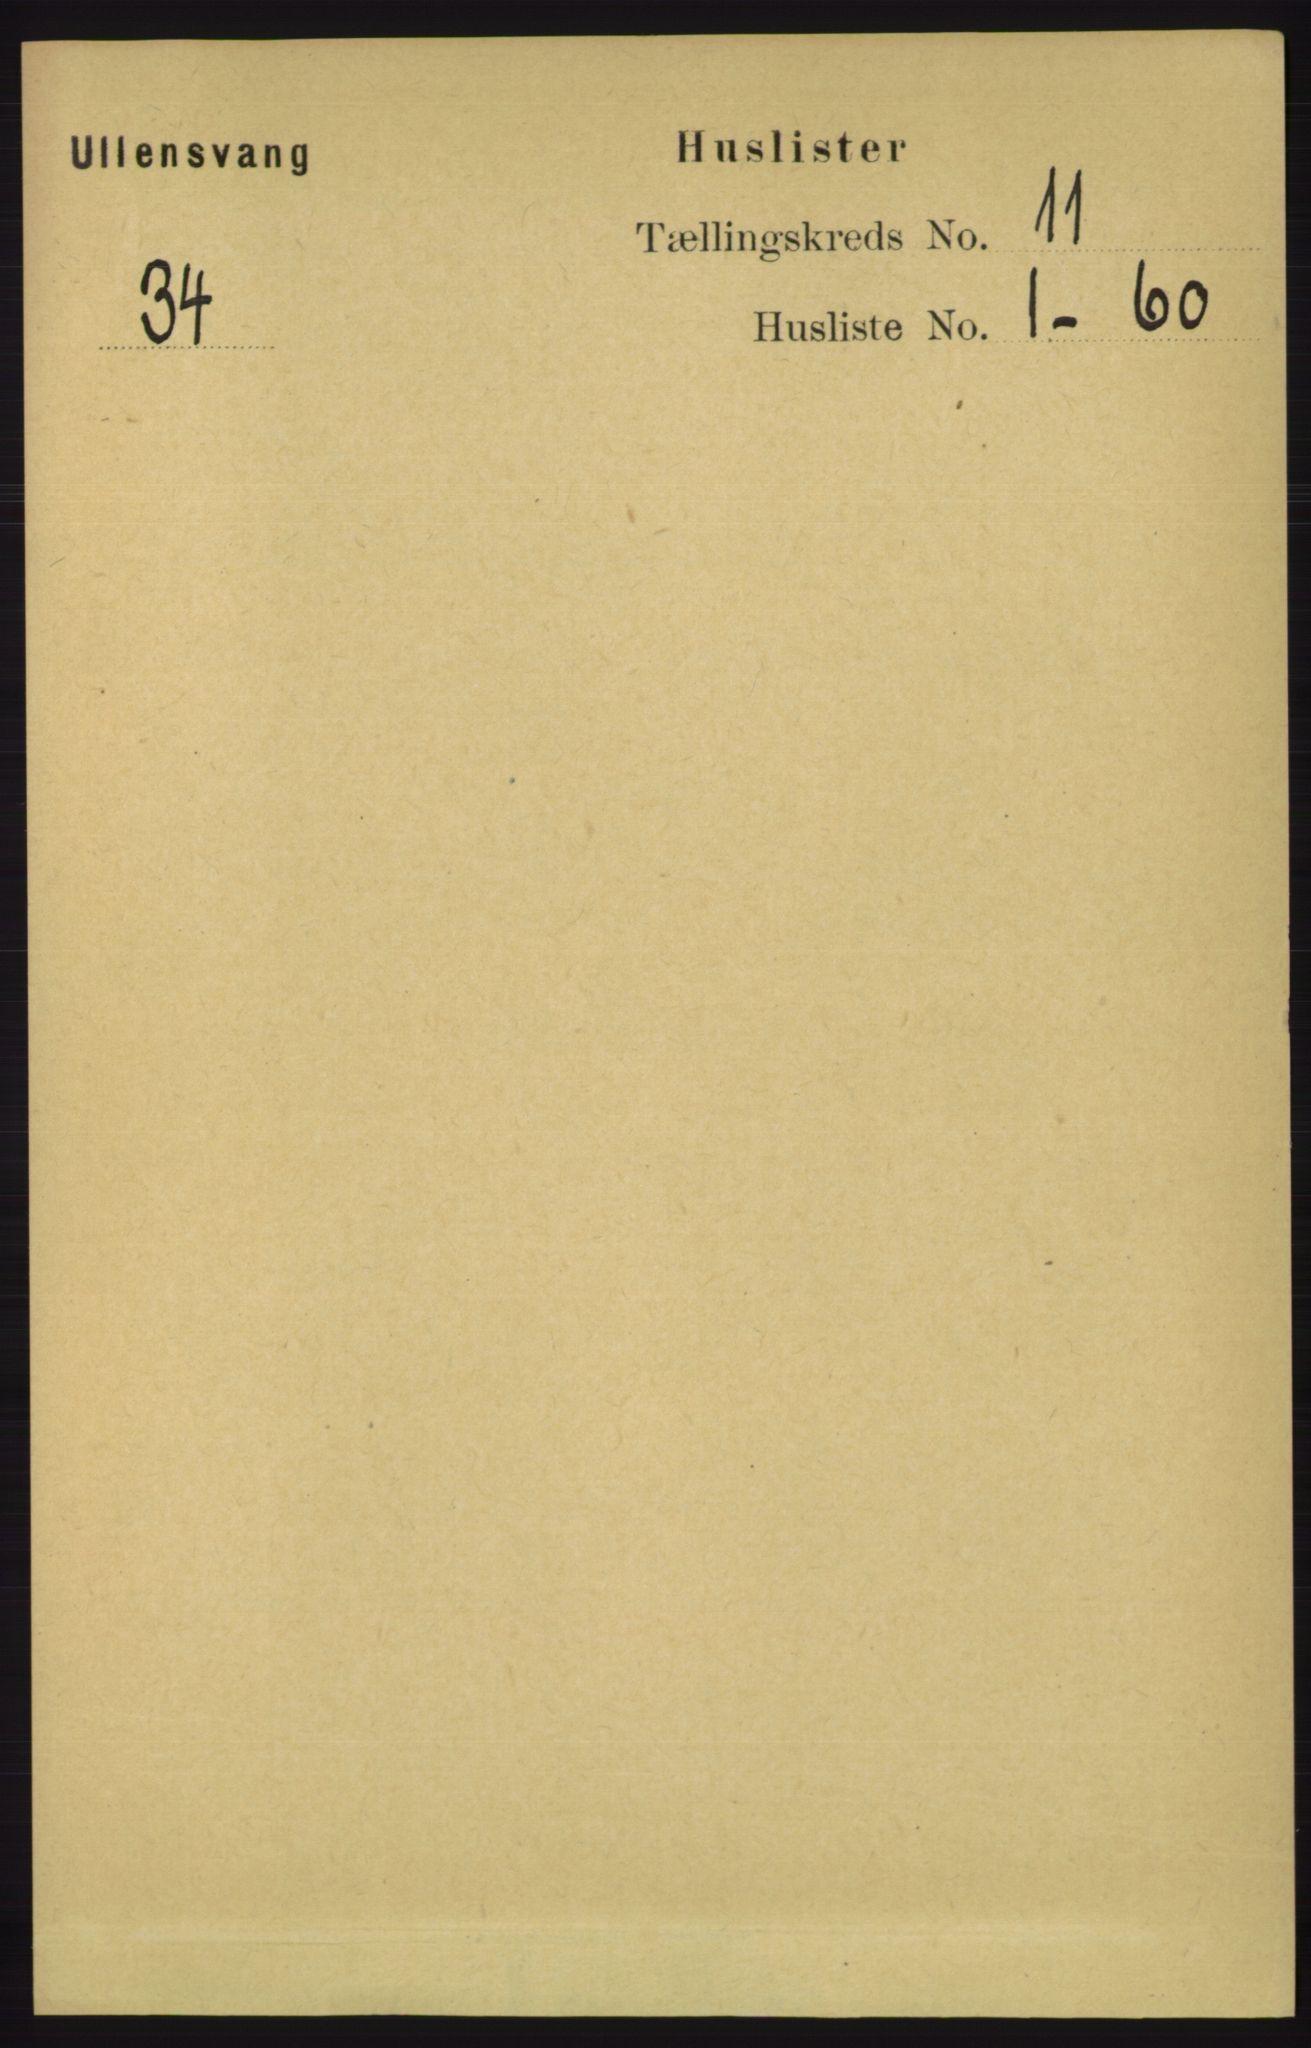 RA, Folketelling 1891 for 1230 Ullensvang herred, 1891, s. 4201